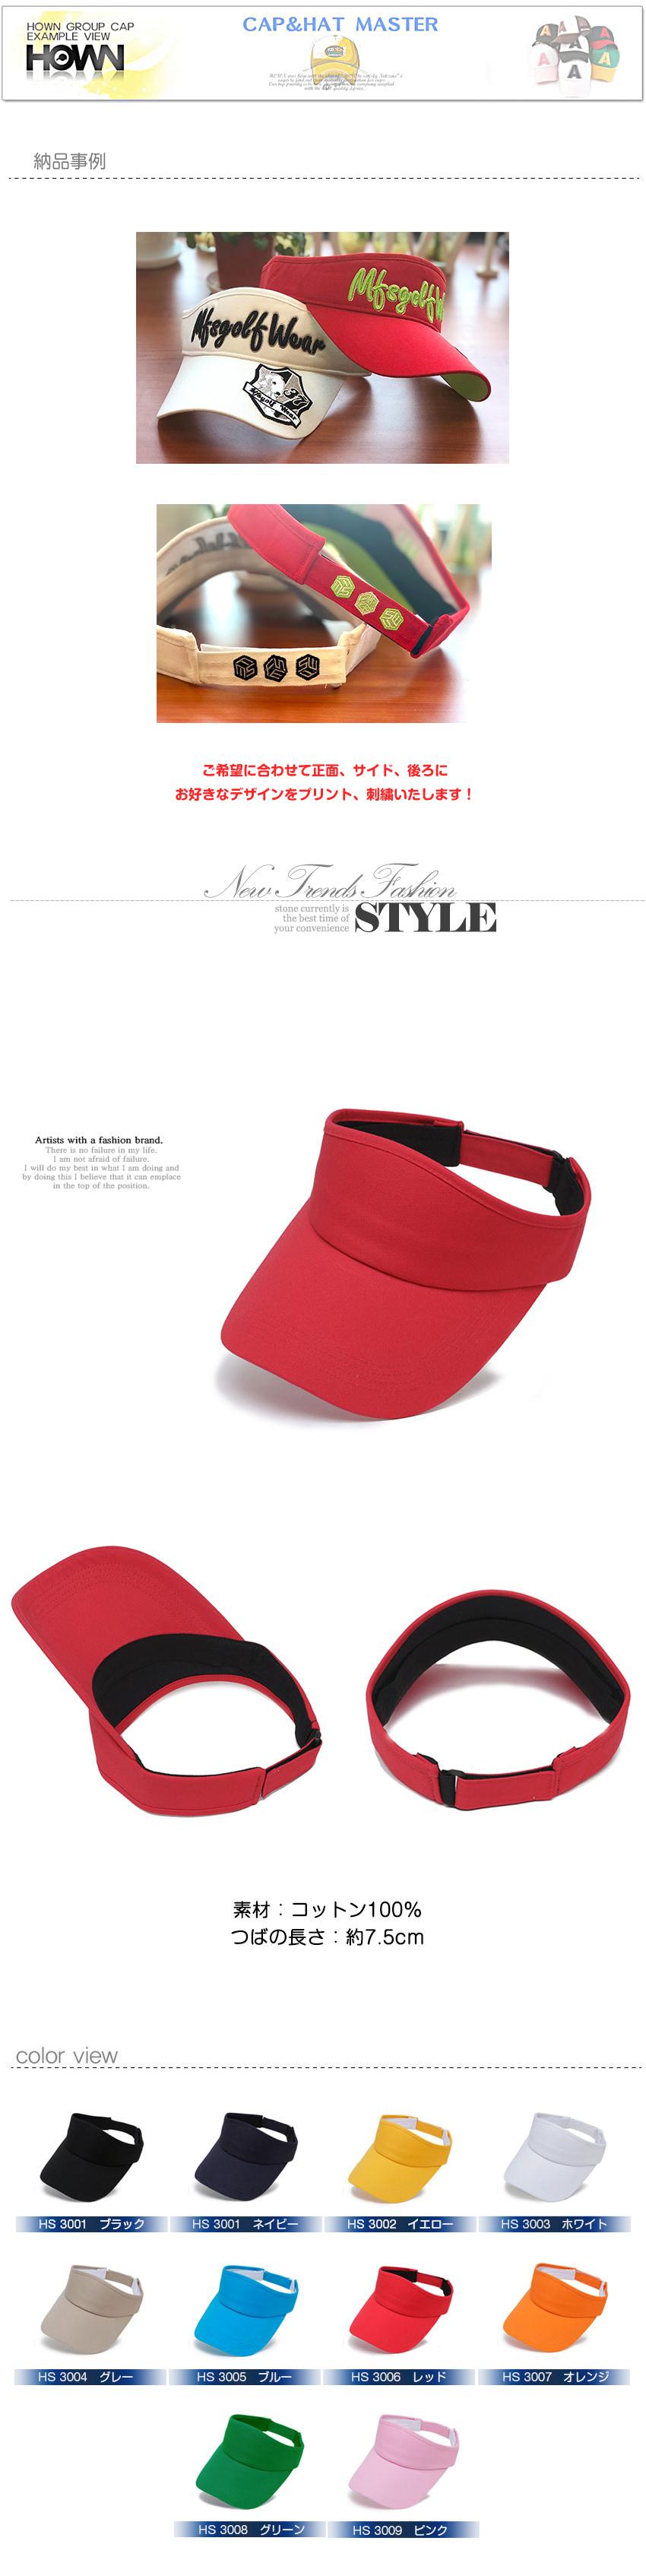 ゴルフサンバイザ- 1点から製作可能!名前入れ 刺繍 プリント オリジナルキャップ イベント用 野球帽 学校行事 サークル  オリジナルサンバイザーに刺繍を!